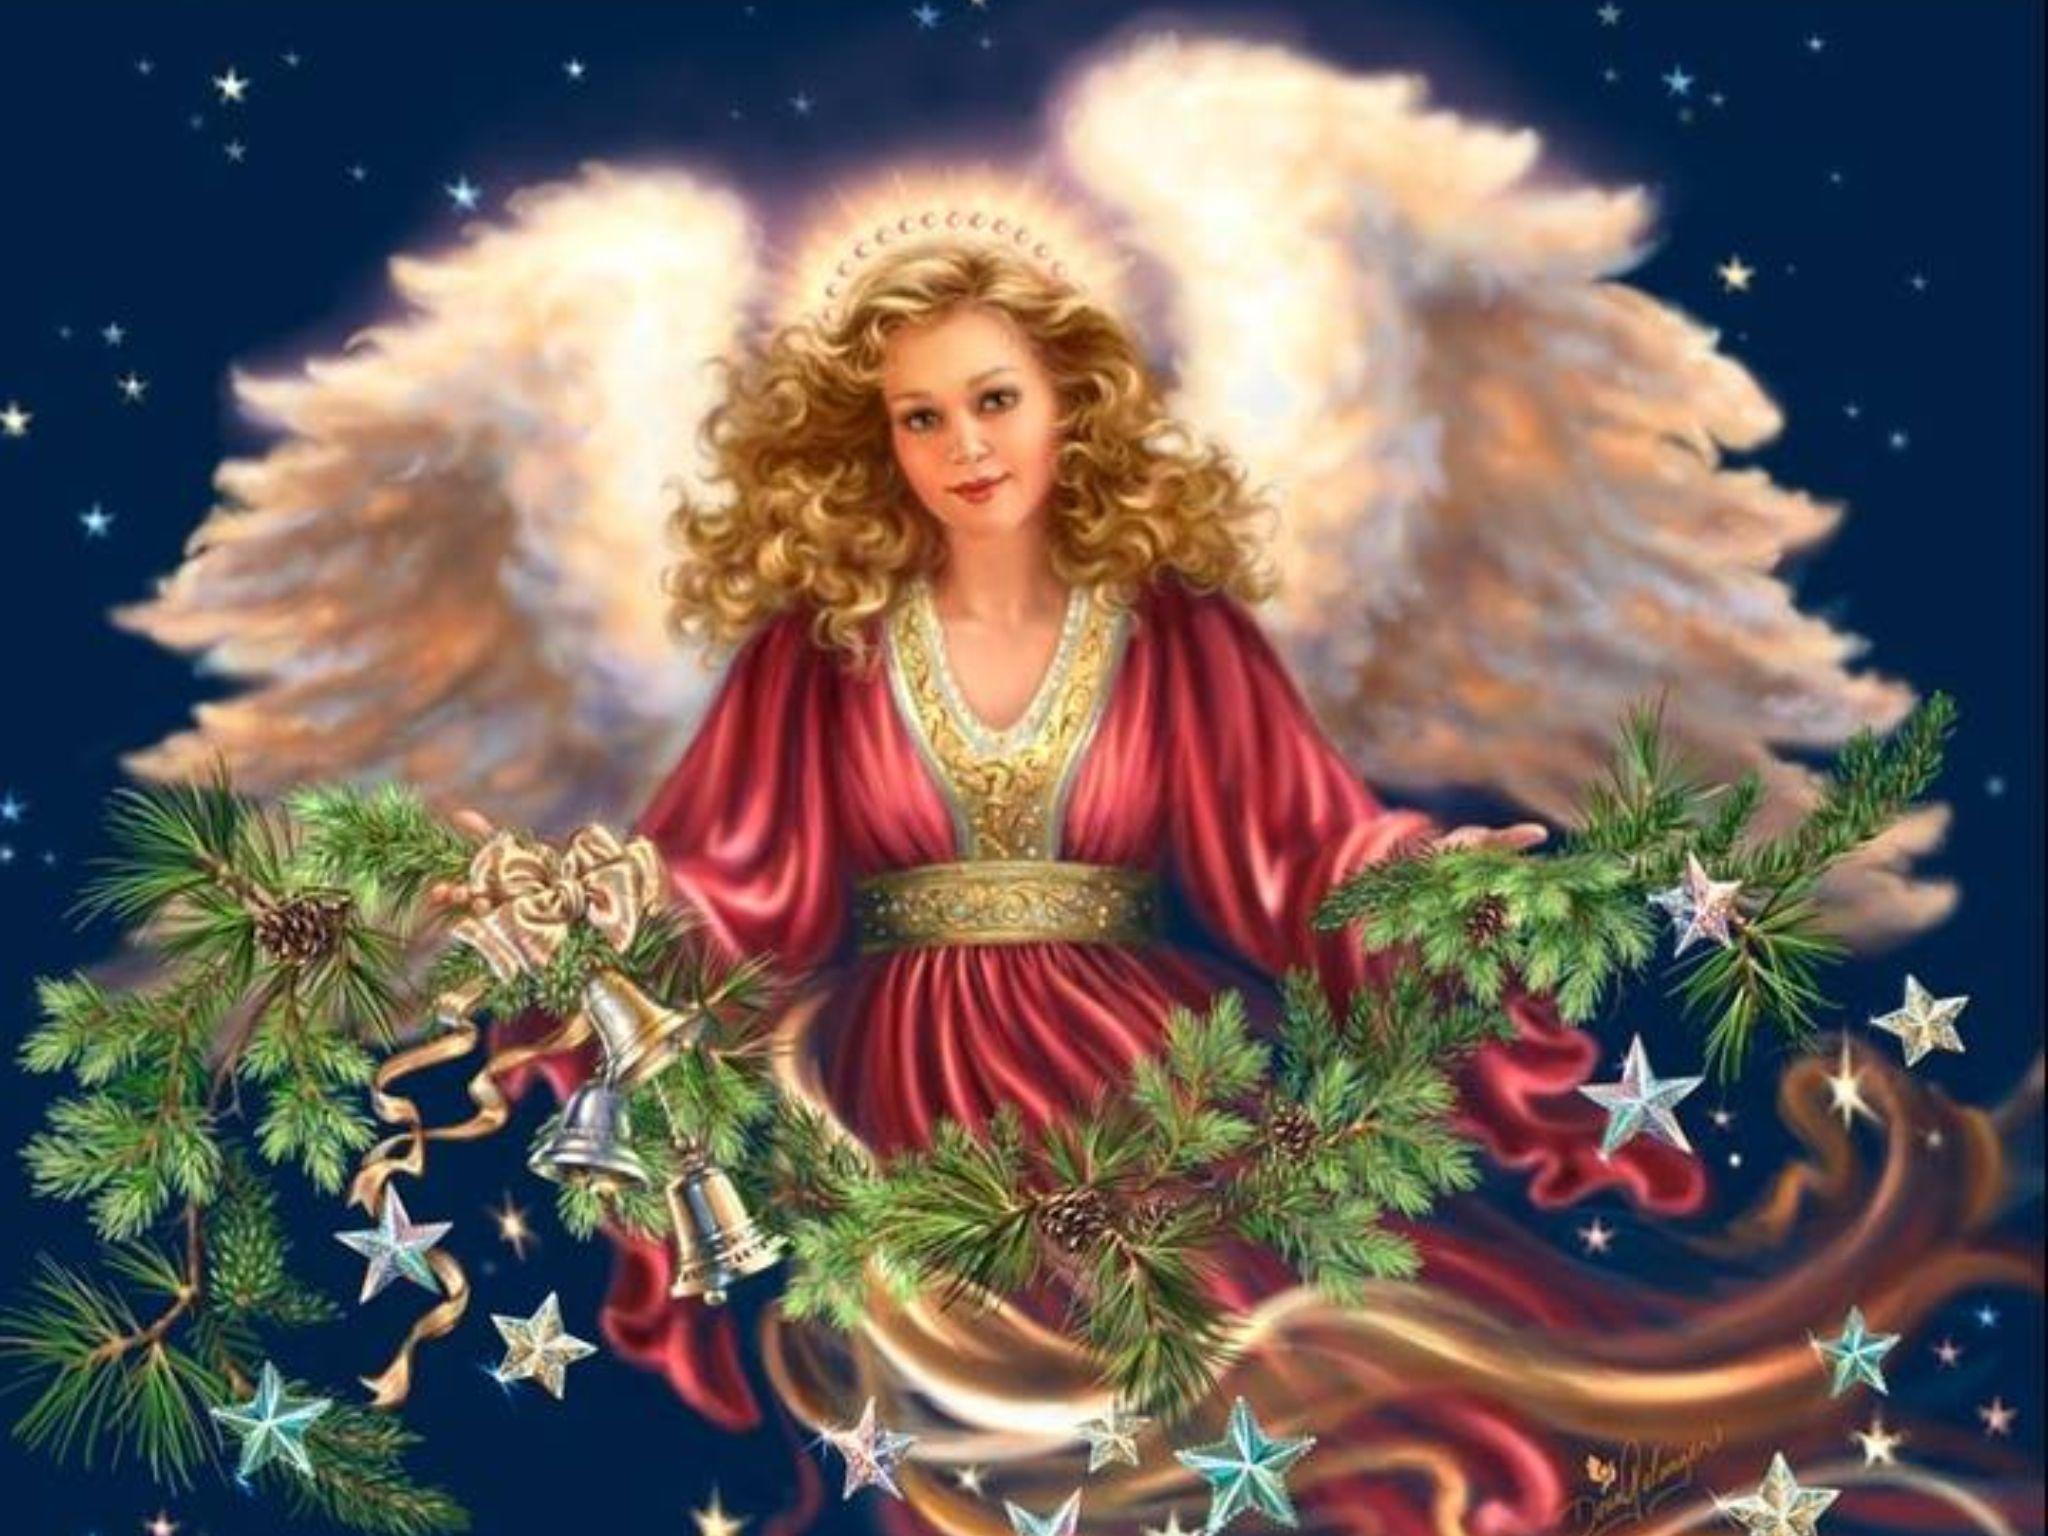 Christmas Angel Dona Gelsinger Artist Fantasy Pinterest